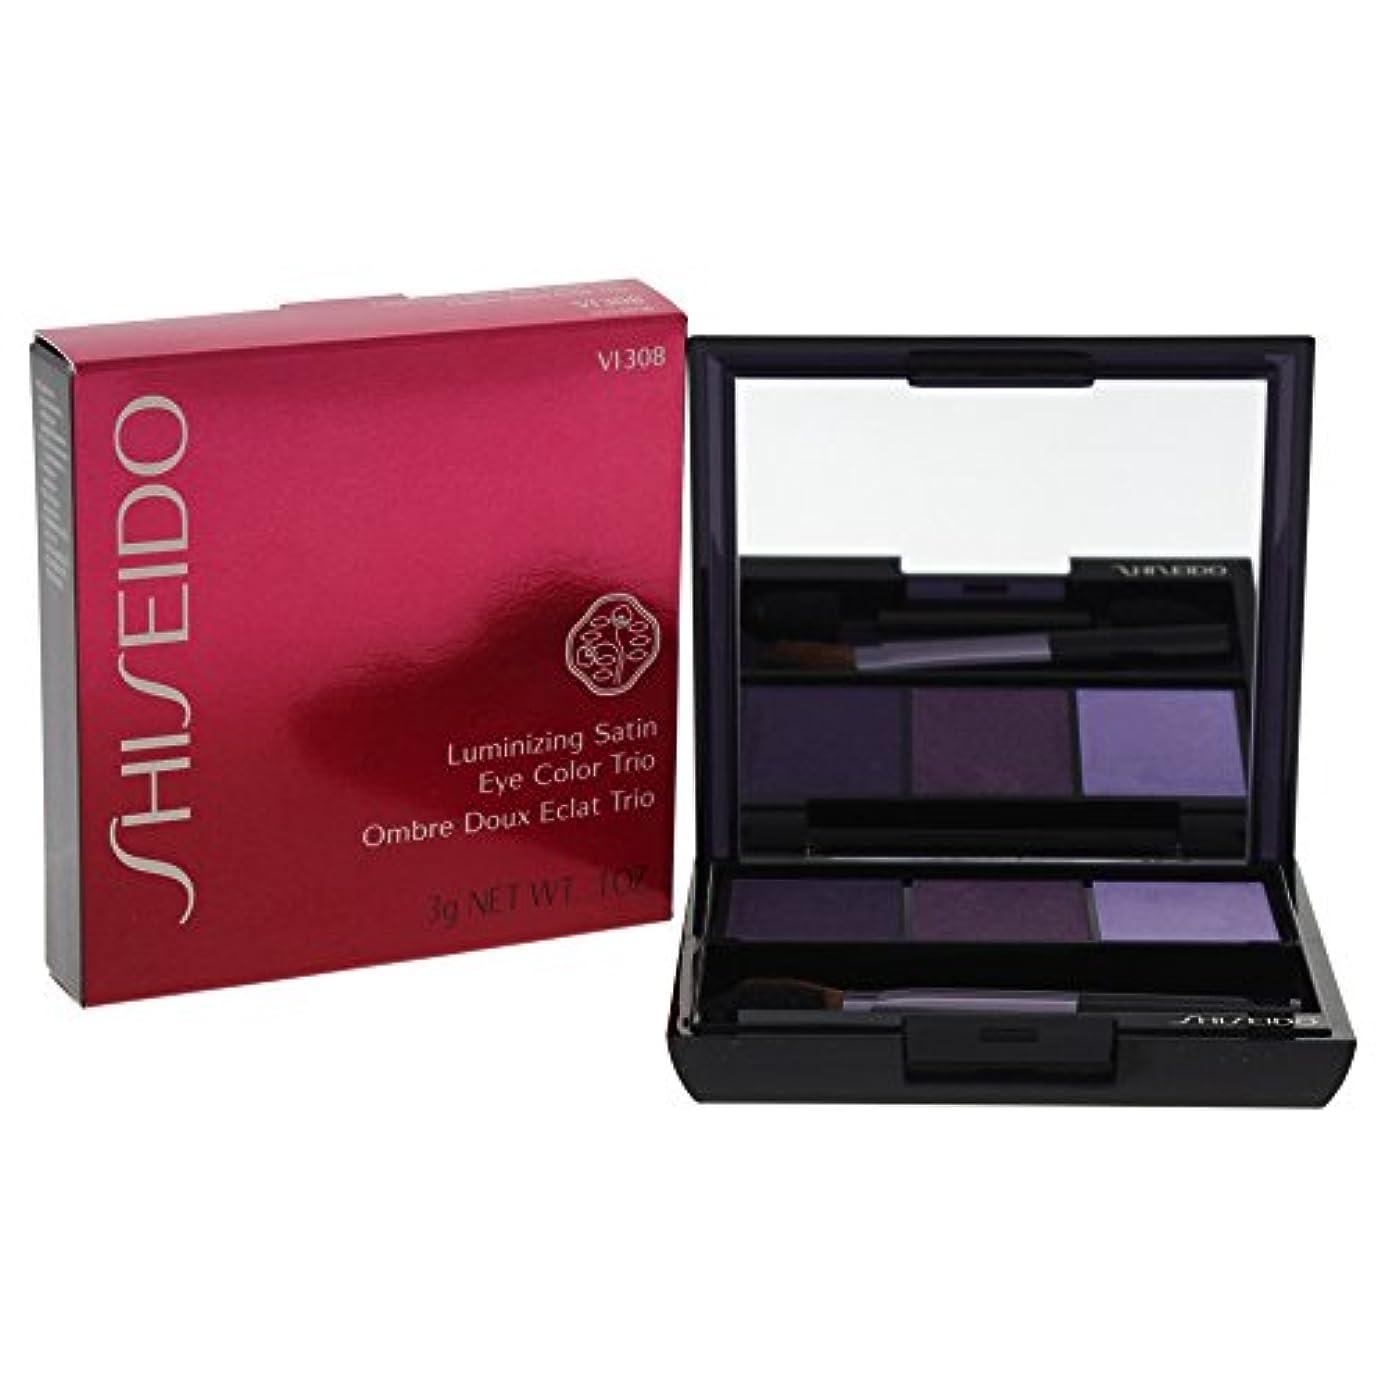 後ろに割り当て聖書Shiseido - 資生堂トリオアイカラーサテンVI308 - 【並行輸入品】